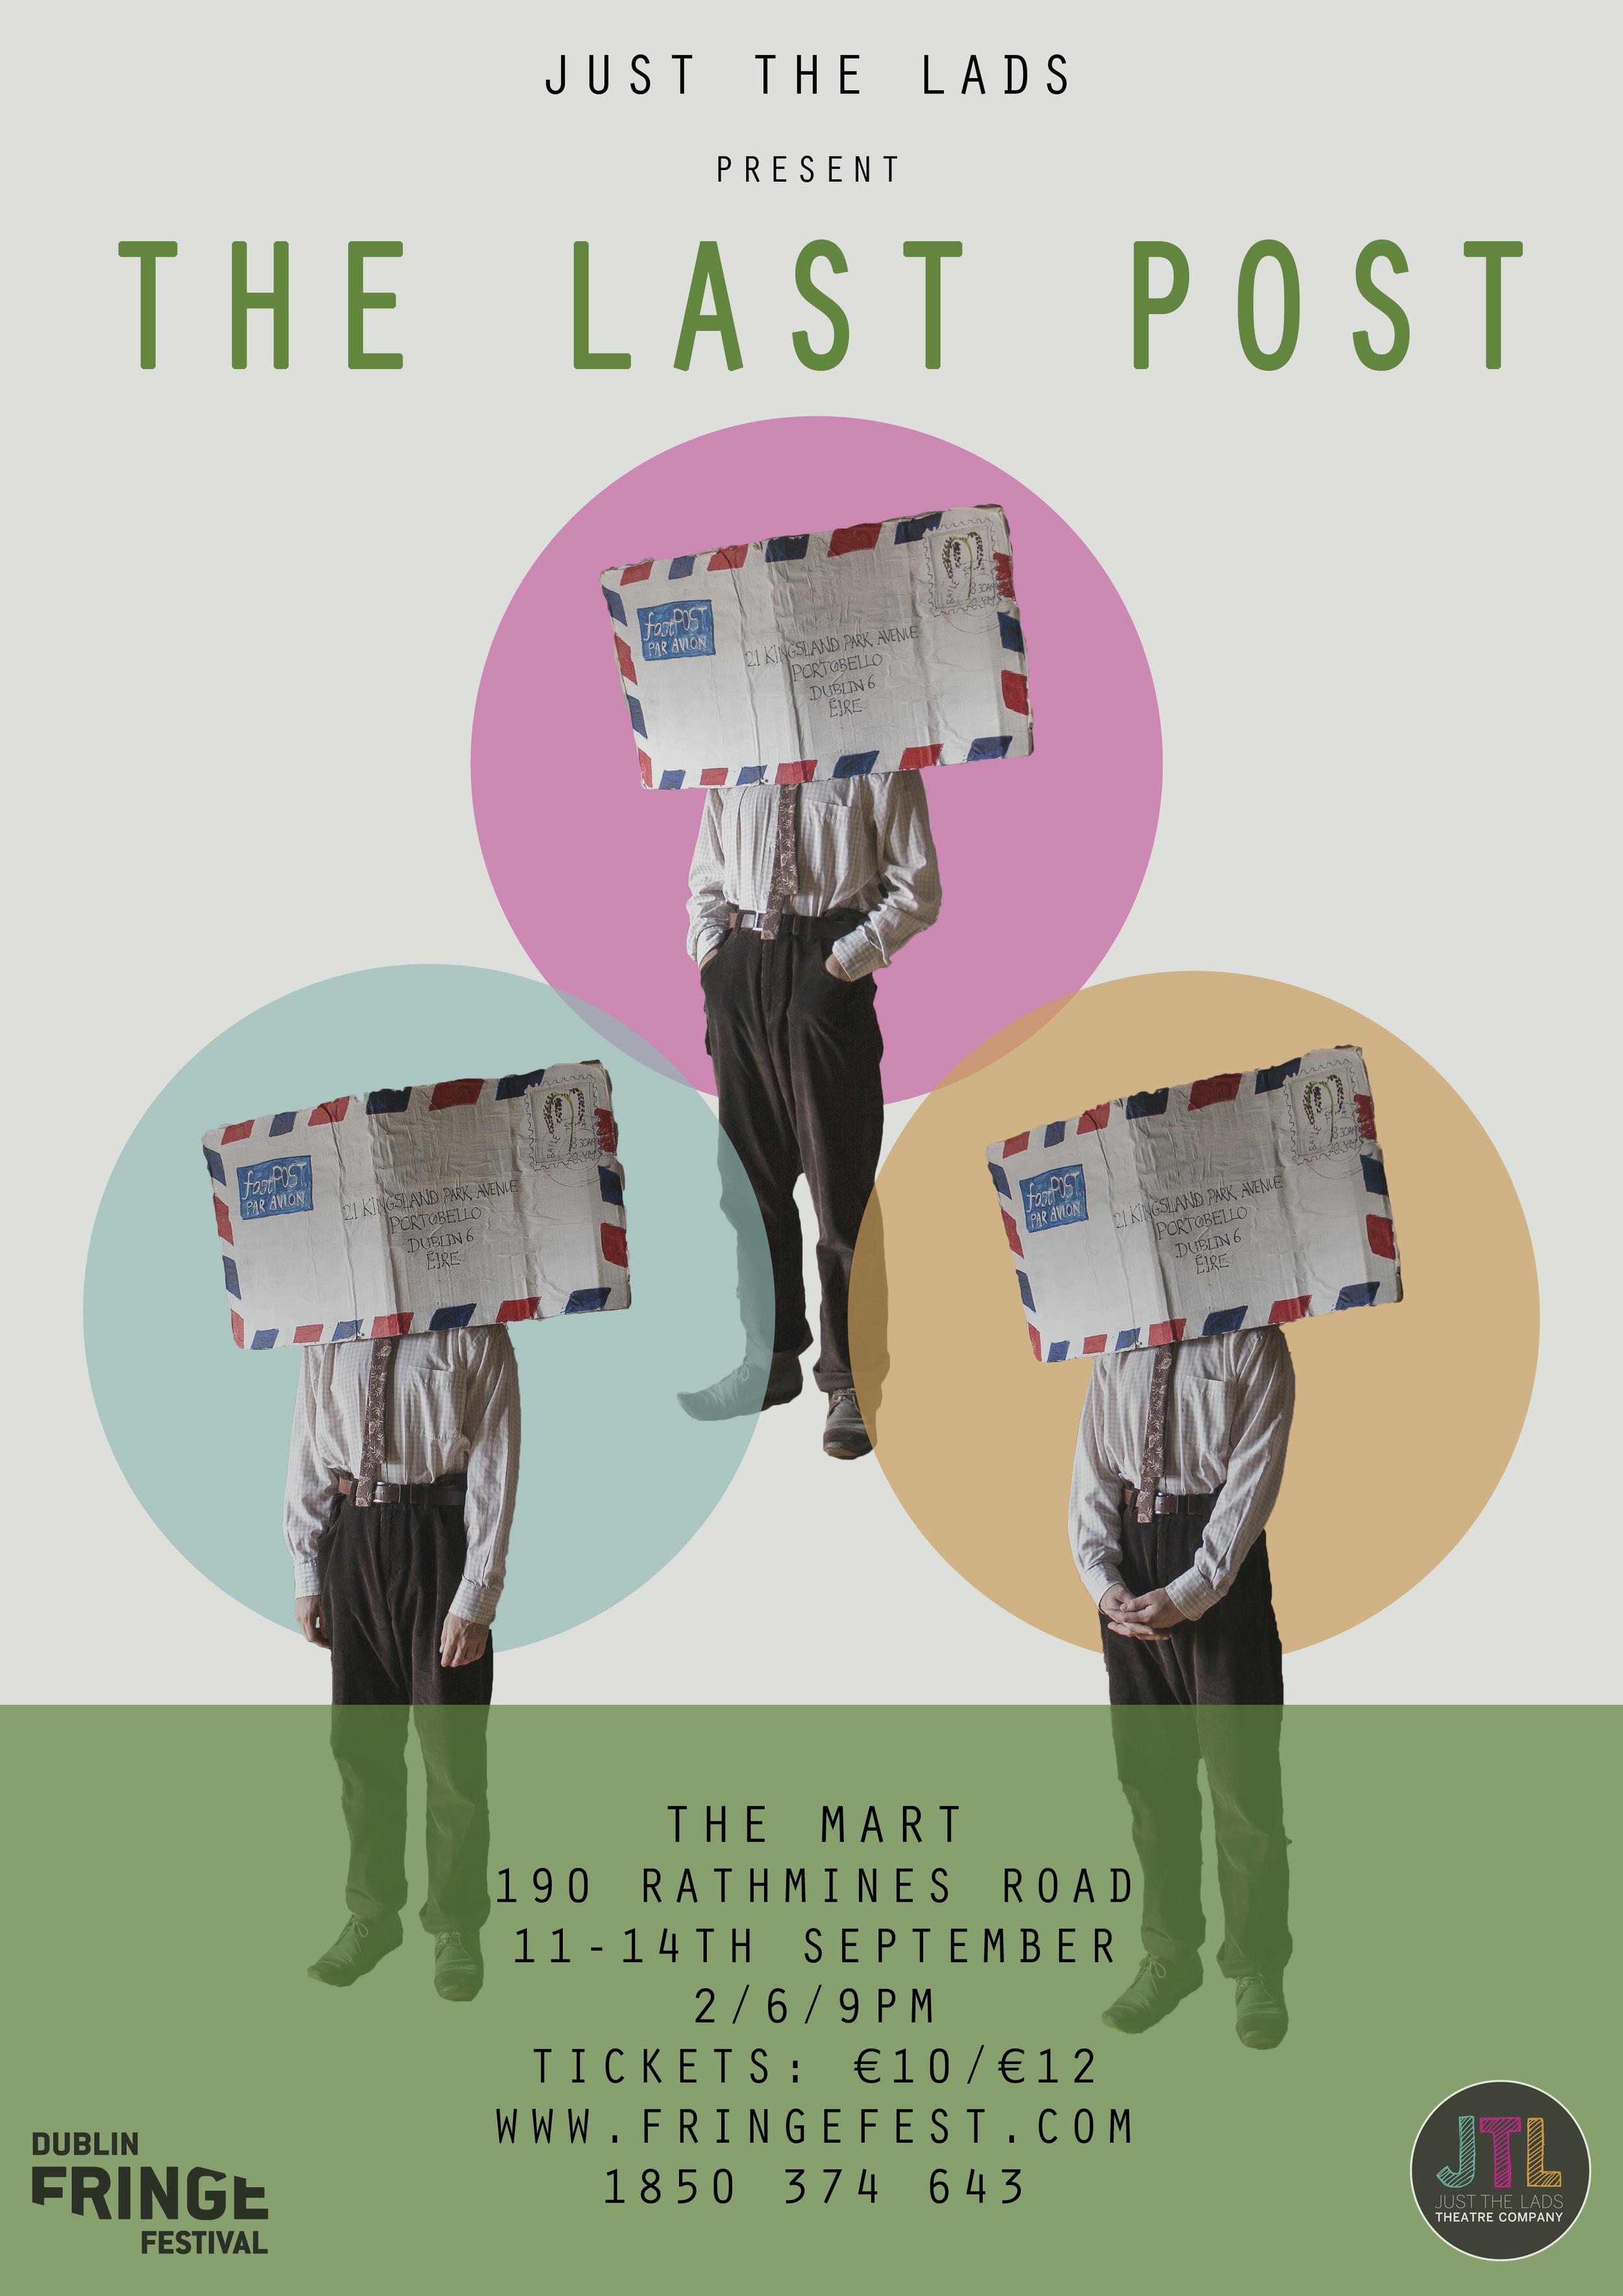 thelastpost(ER)3.jpg